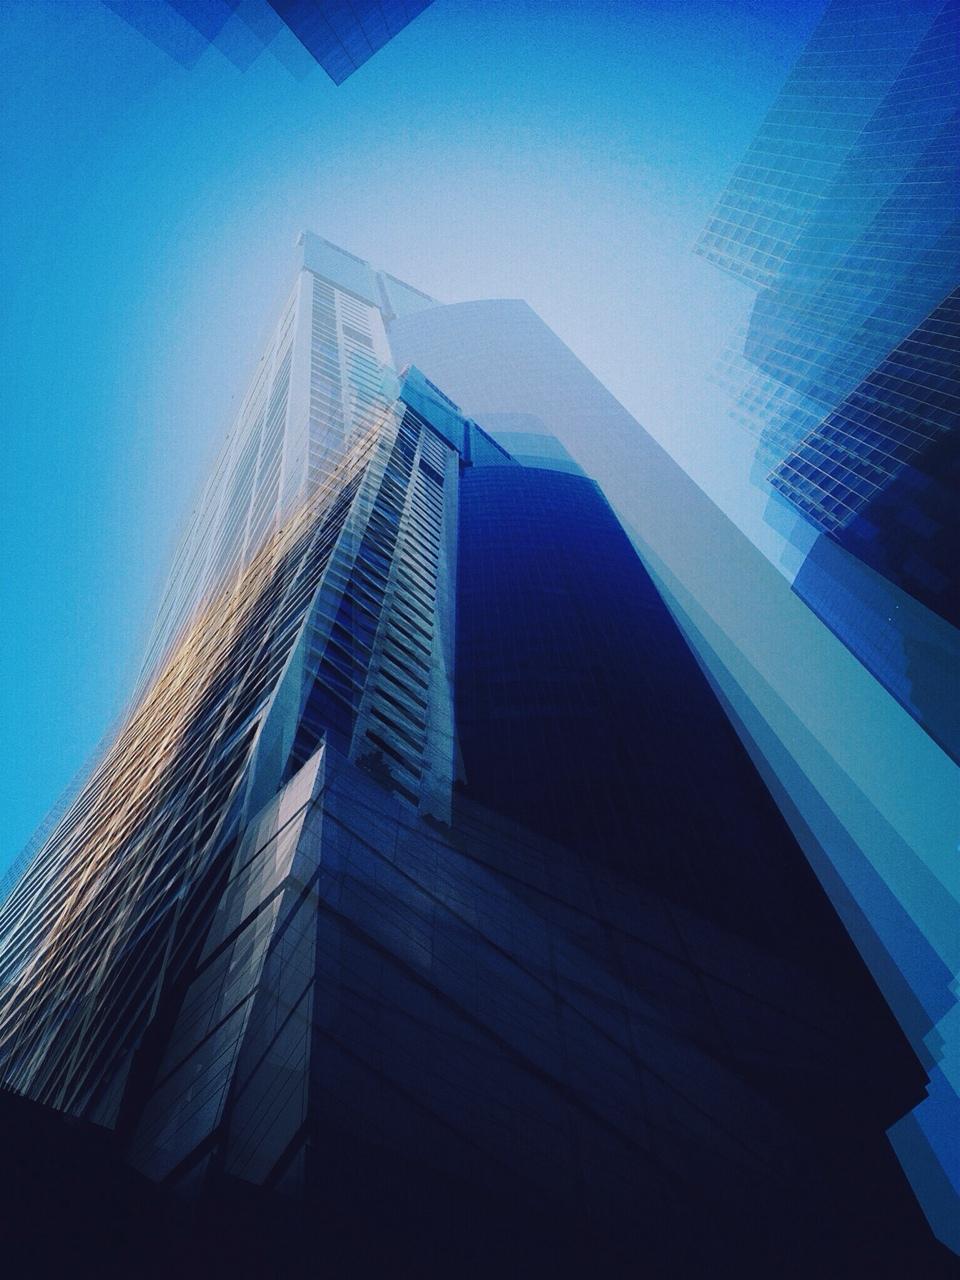 Vertigo - Sydney